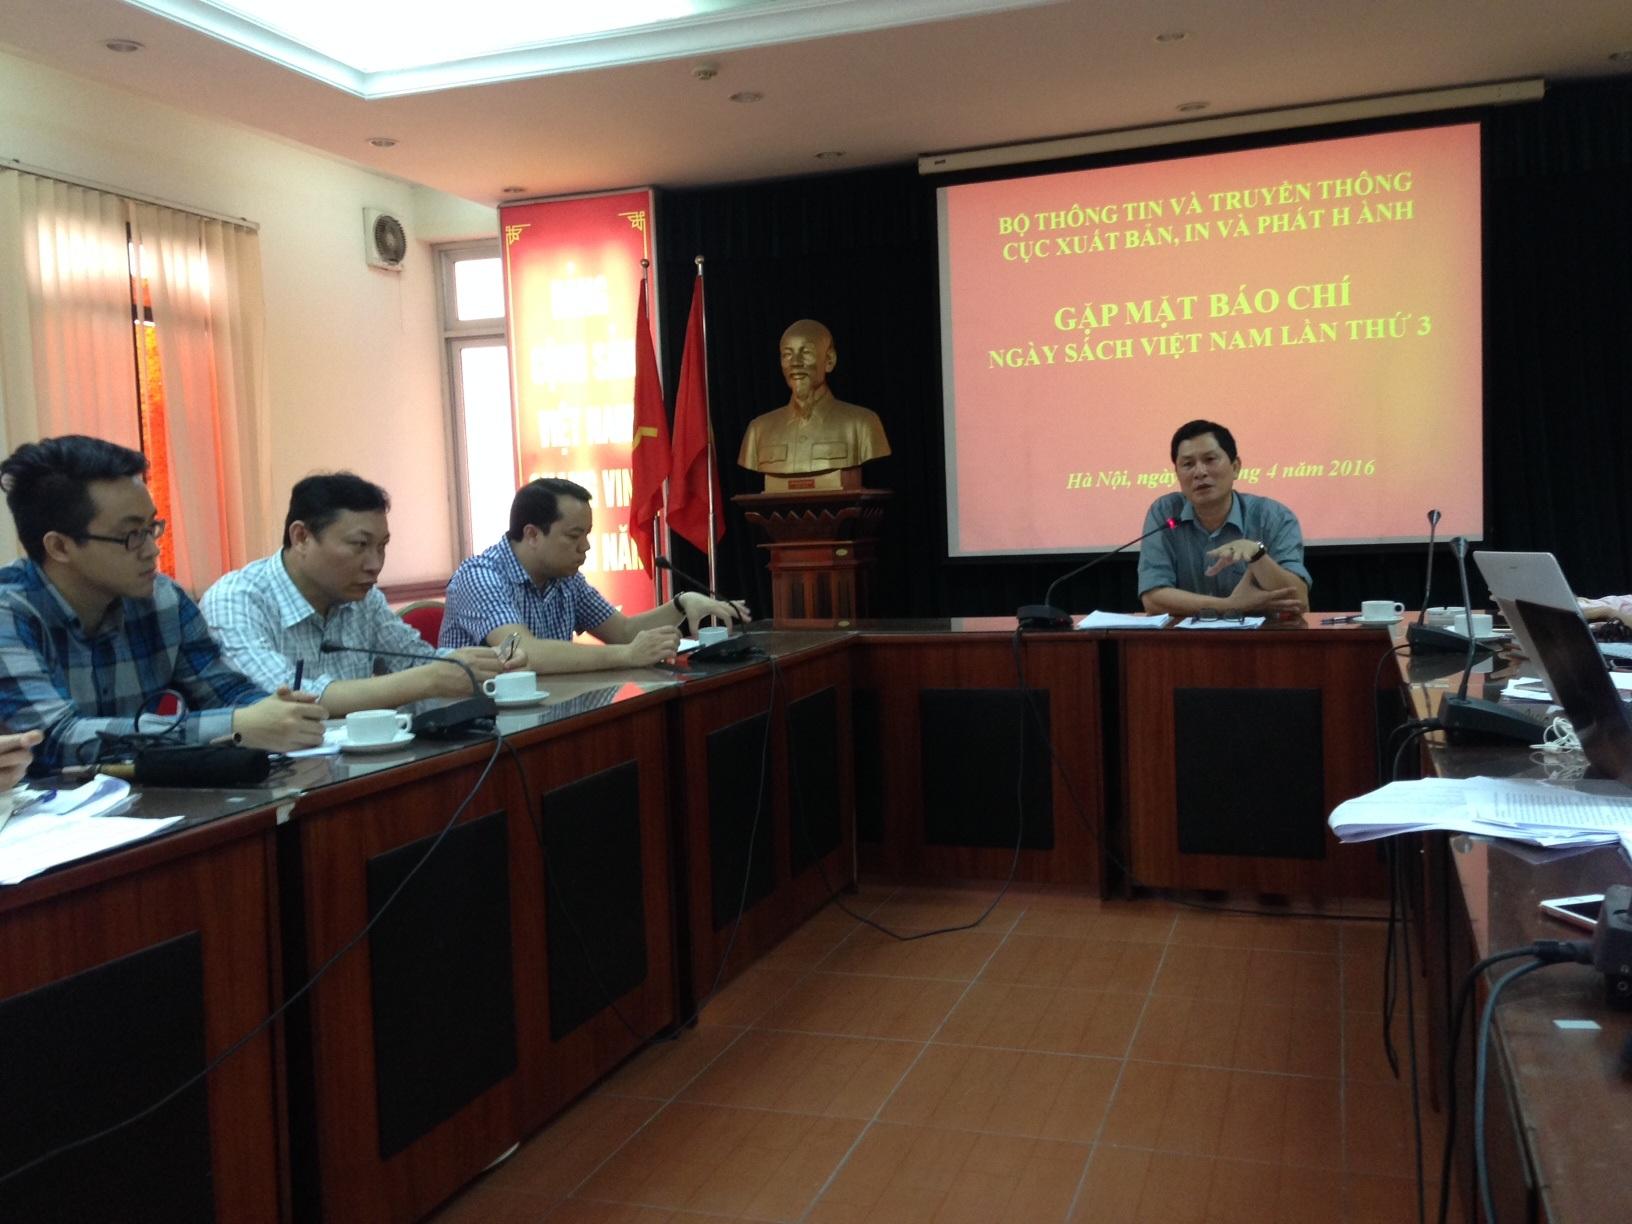 Ông Chu Hoà - Cục trưởng Cục Xuất bản, In ấn và Phát hành đang chia sẻ thông tin với báo chí về Ngày Sách Việt Nam lần thứ 3. Ảnh: HTL.